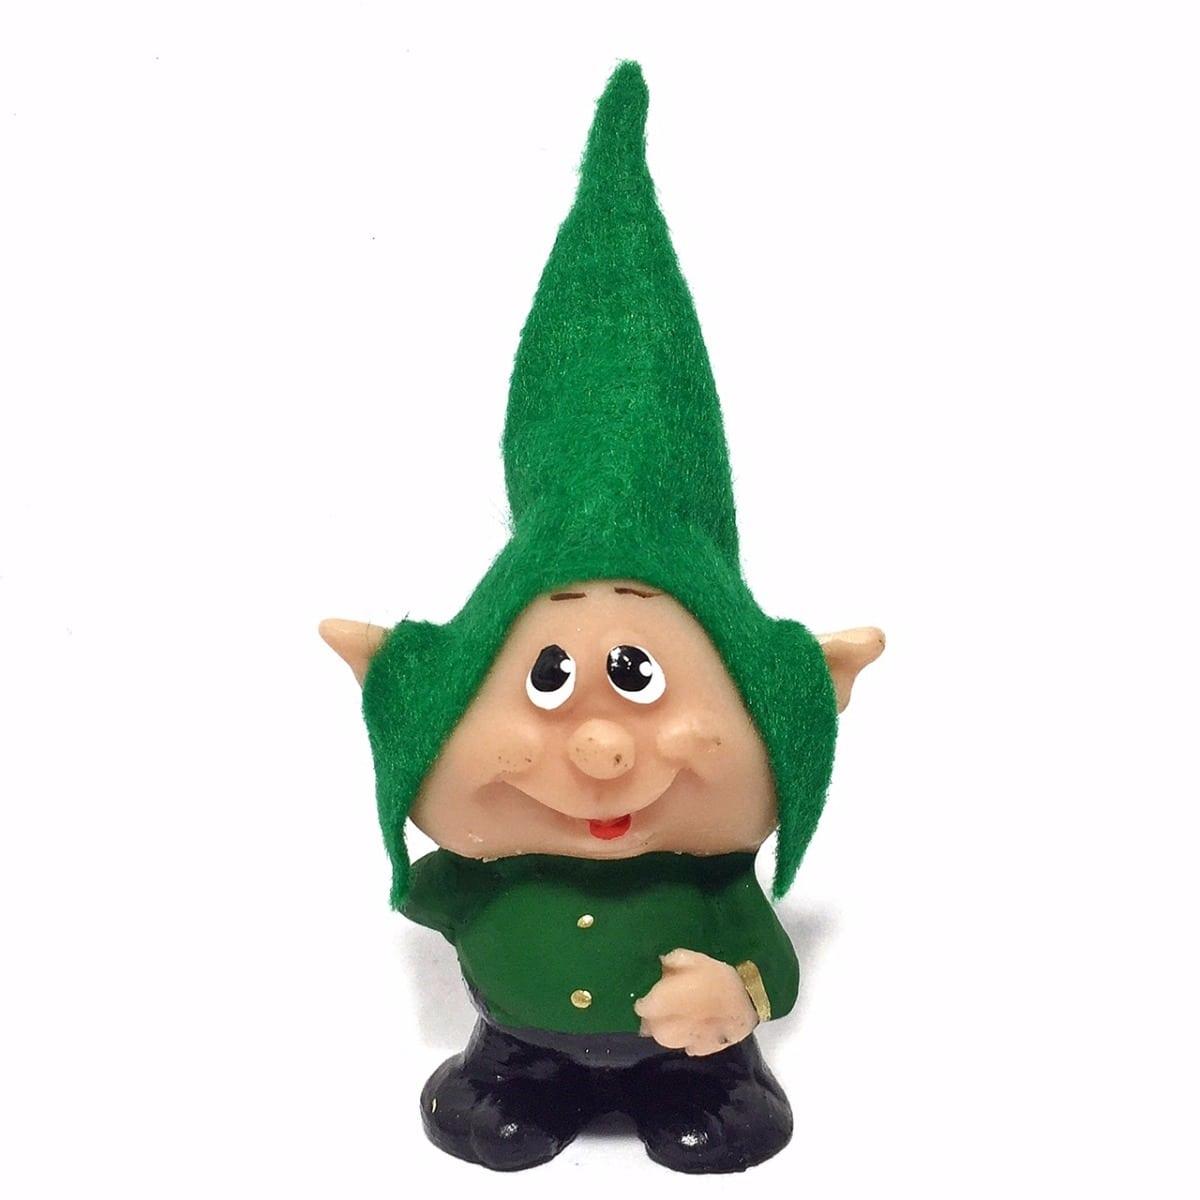 Ícaro Duendes Gnomos Verde Desejos Miniaturas Estátuas 561